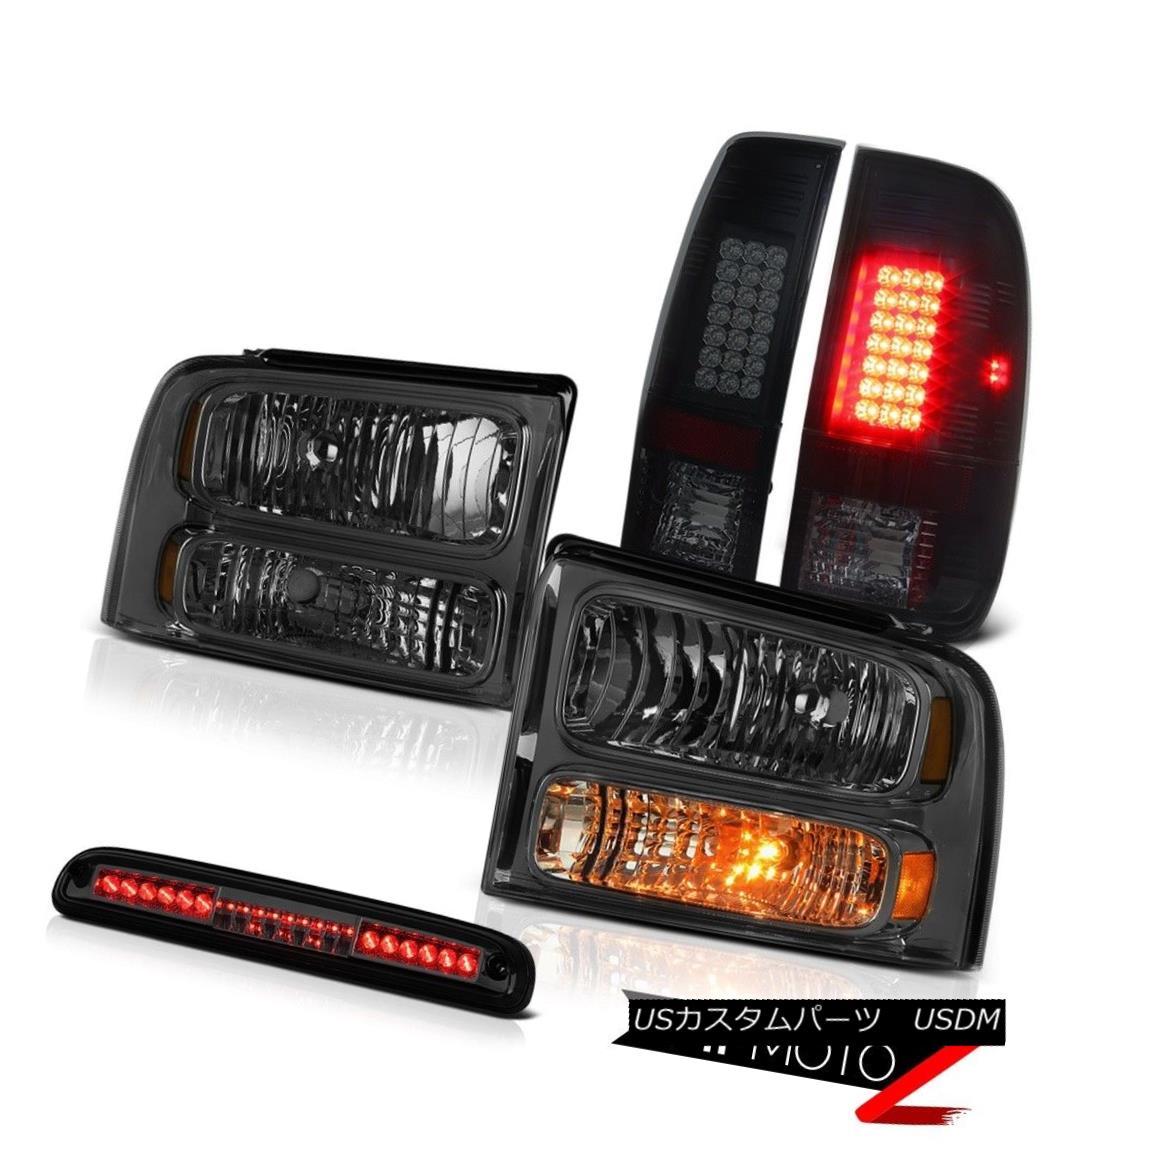 ヘッドライト 2005-2007 F350 XLT Dark Smoke Headlights Black LED TailLights Roof Stop Lamps 2005-2007 F350 XLTダークスモークヘッドライトブラックLEDテールライトルーフストップランプ